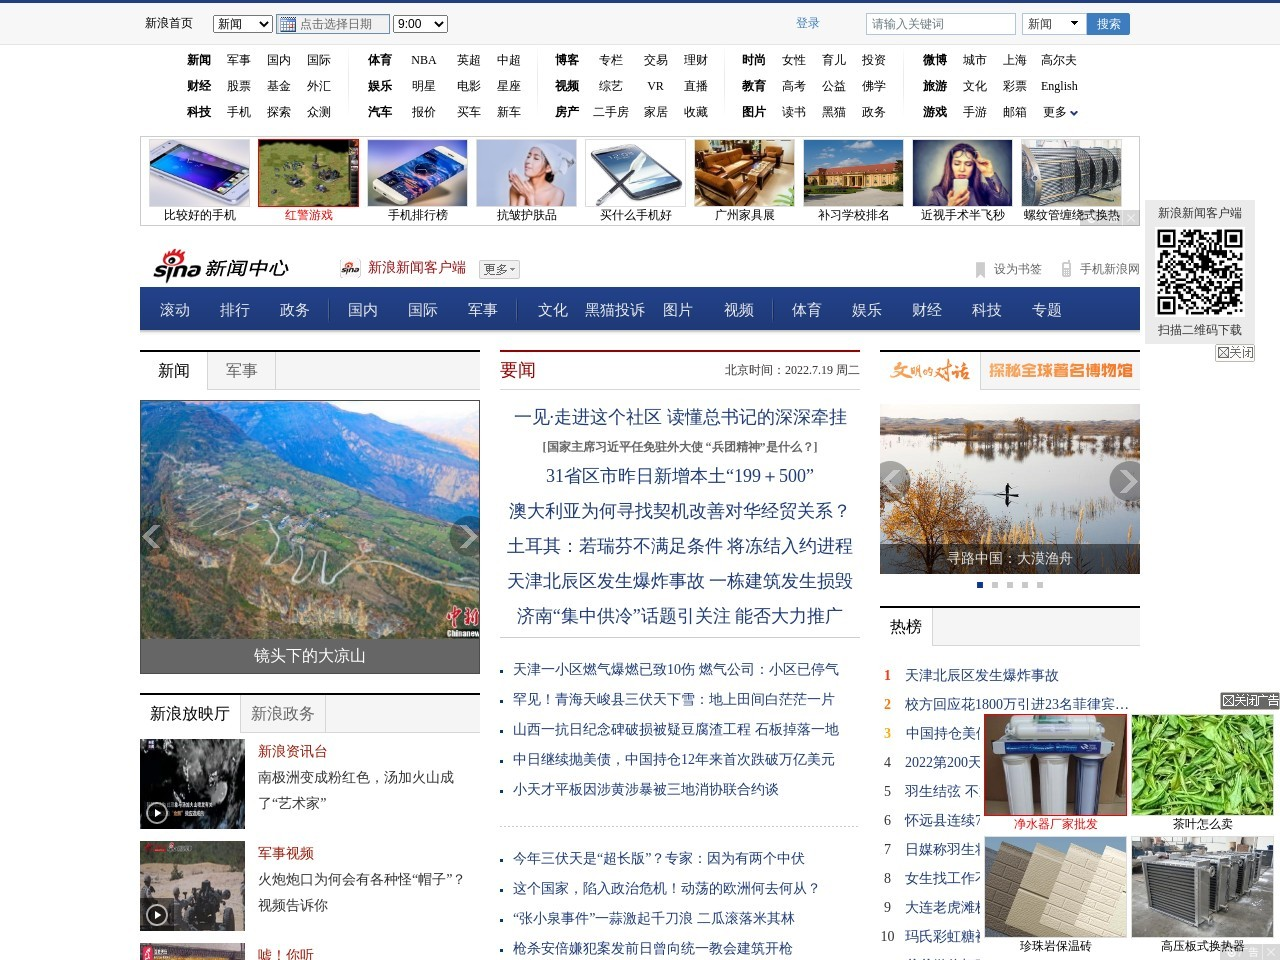 四川3月21日新增1例境外输入无症状感染者|新冠肺炎|四川_新浪新闻